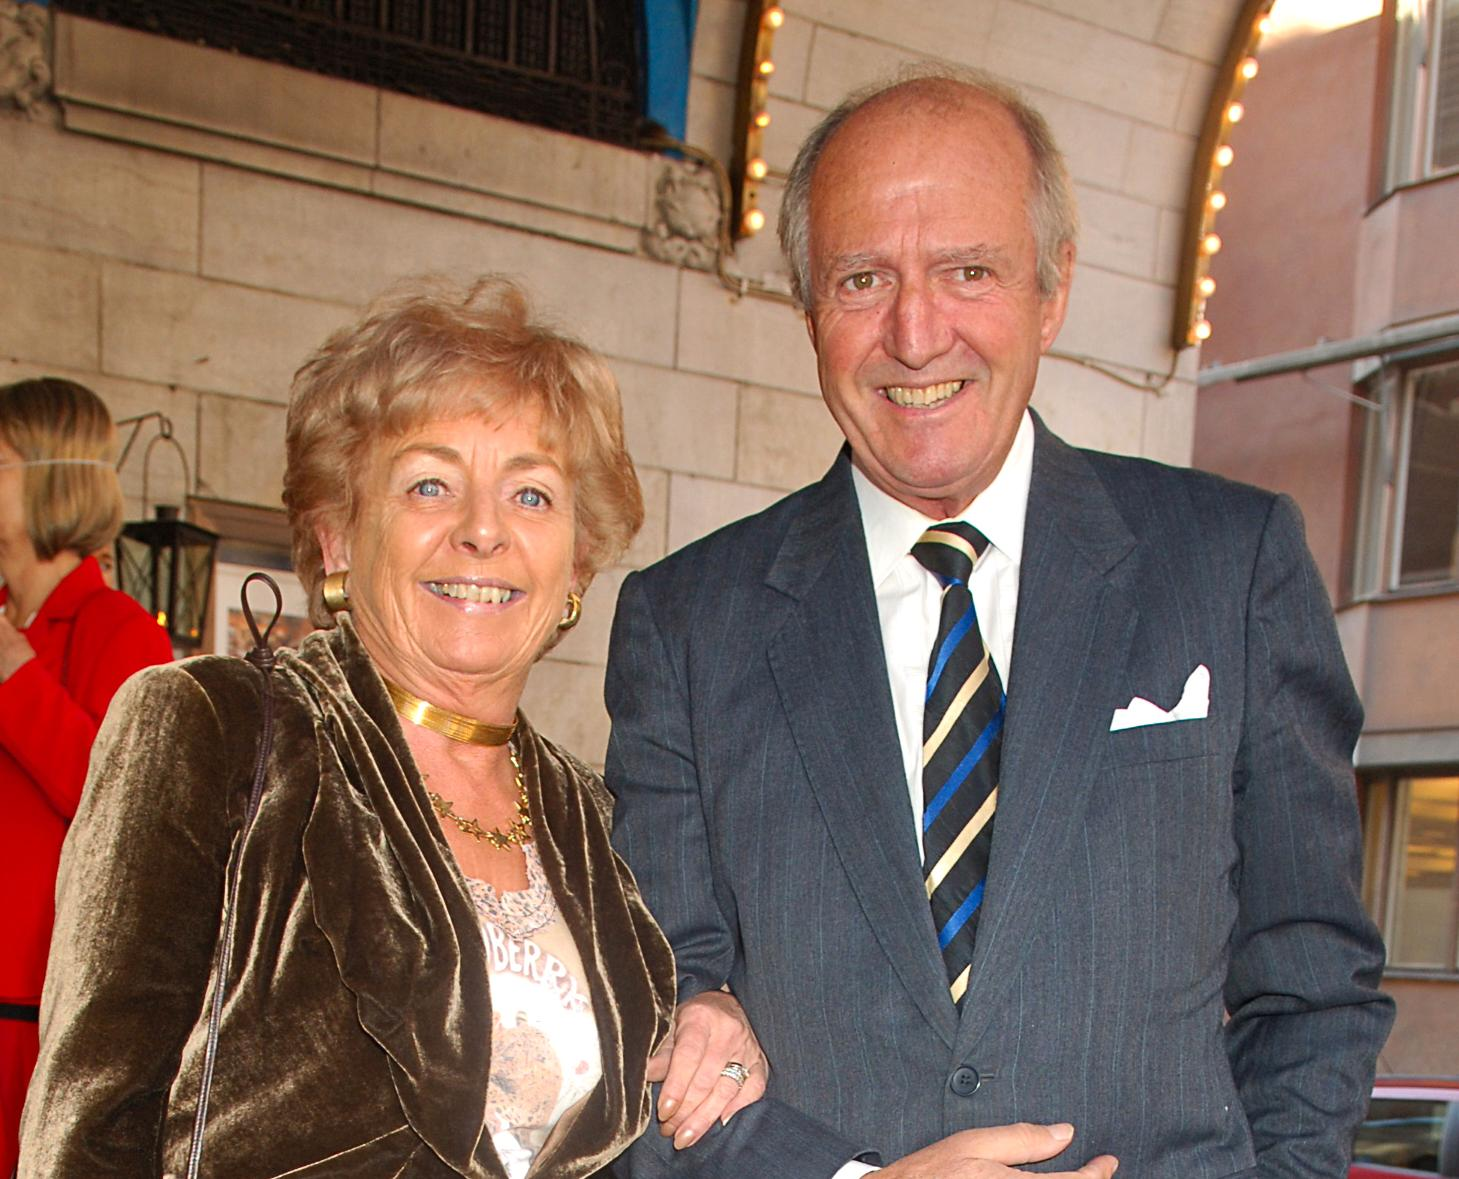 De var drottning och kung i Stockholms nöjesliv under årtionden. Här syns Ann-Sofie Bergman tillsammans med Hasse Wallman på Alice Timanders 90-årsfest 2005. Hasse Wallman dog 2014. Nu är även Ann-Sofie Bergman borta.